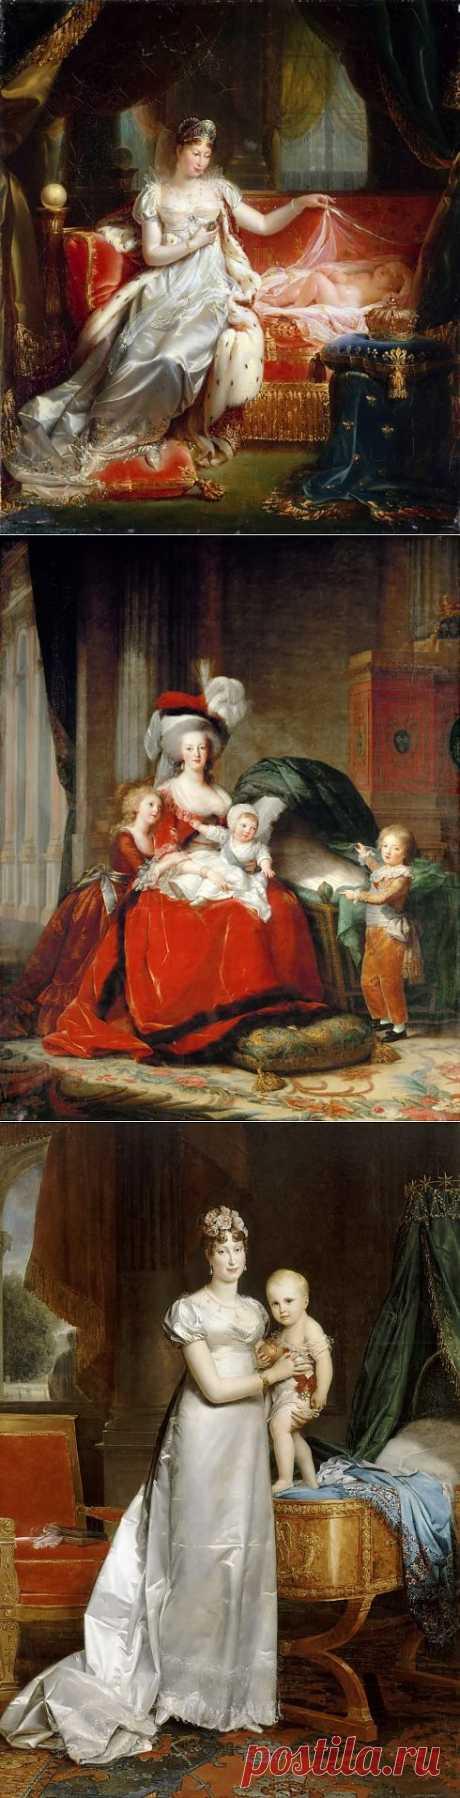 Музей Версальского дворца | Семейные и детские портреты | Искусство